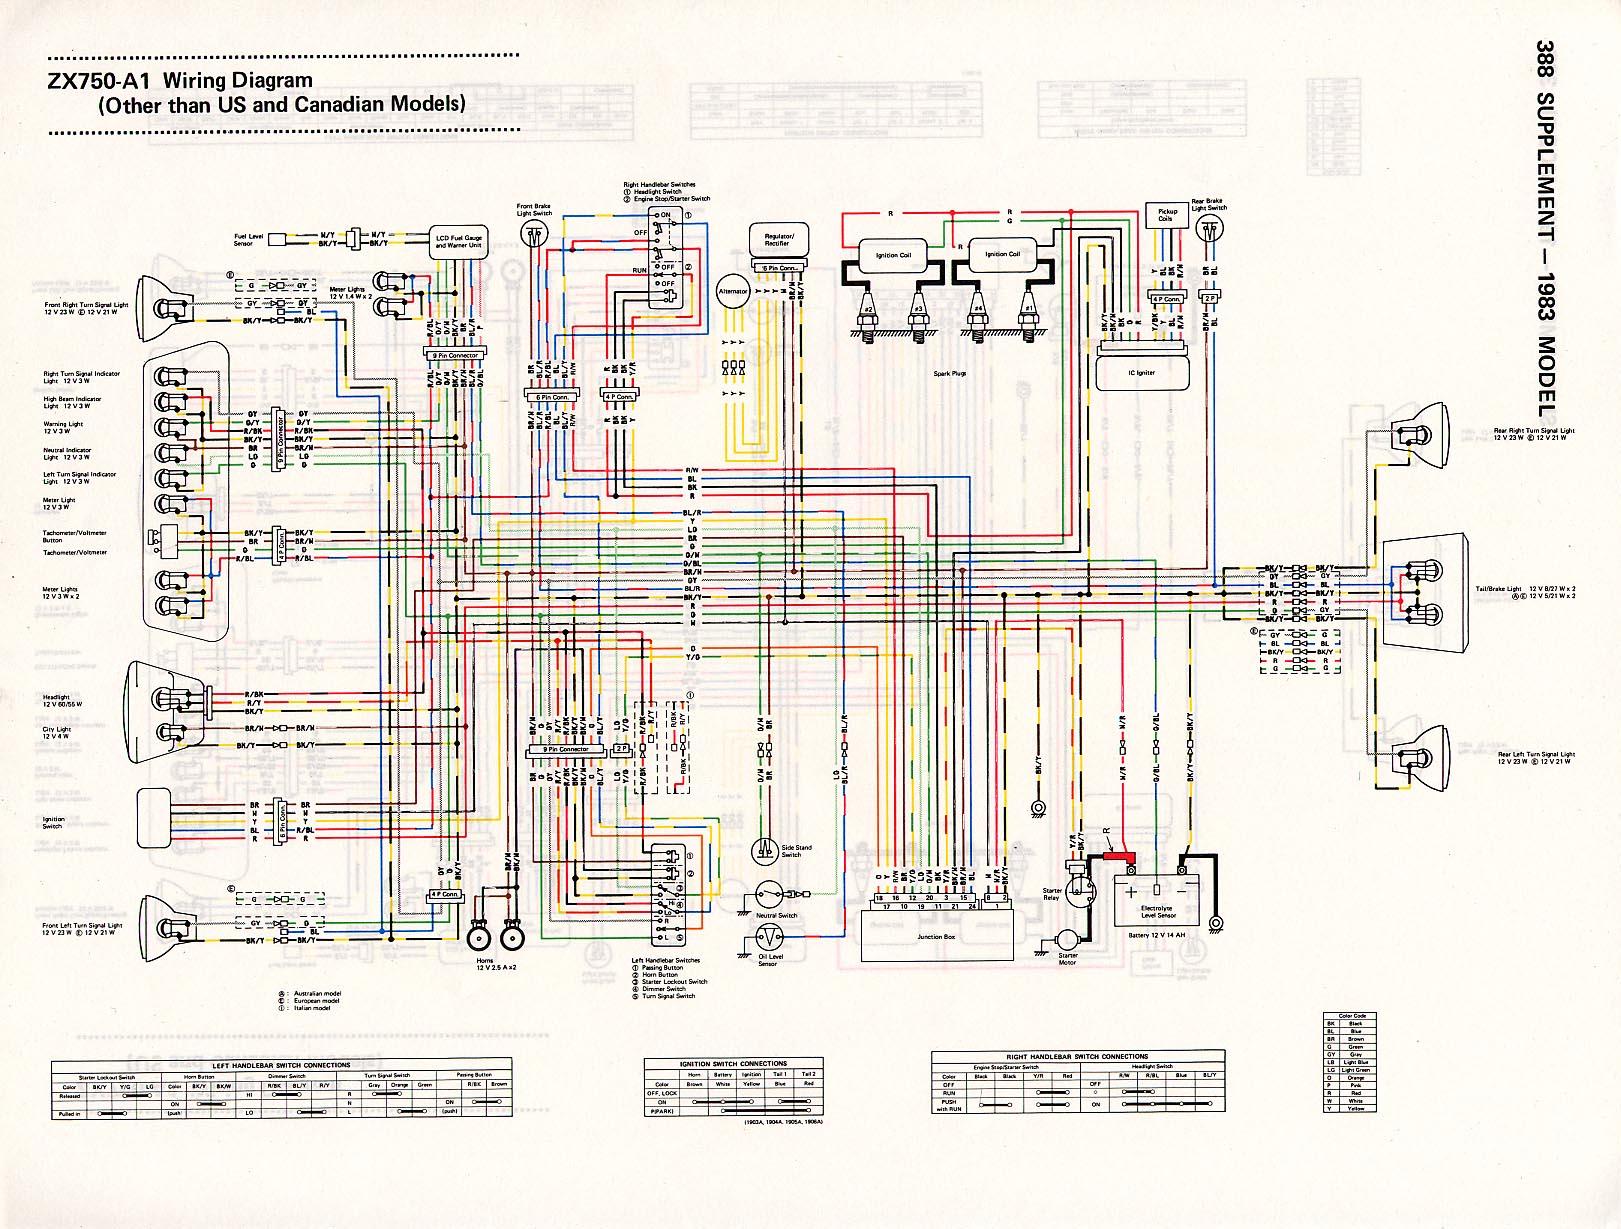 Images of Kawasaki Mule 500 Wiring Diagram Wiring diagram schematic – Kawasaki 500 Mule Wiring Diagram